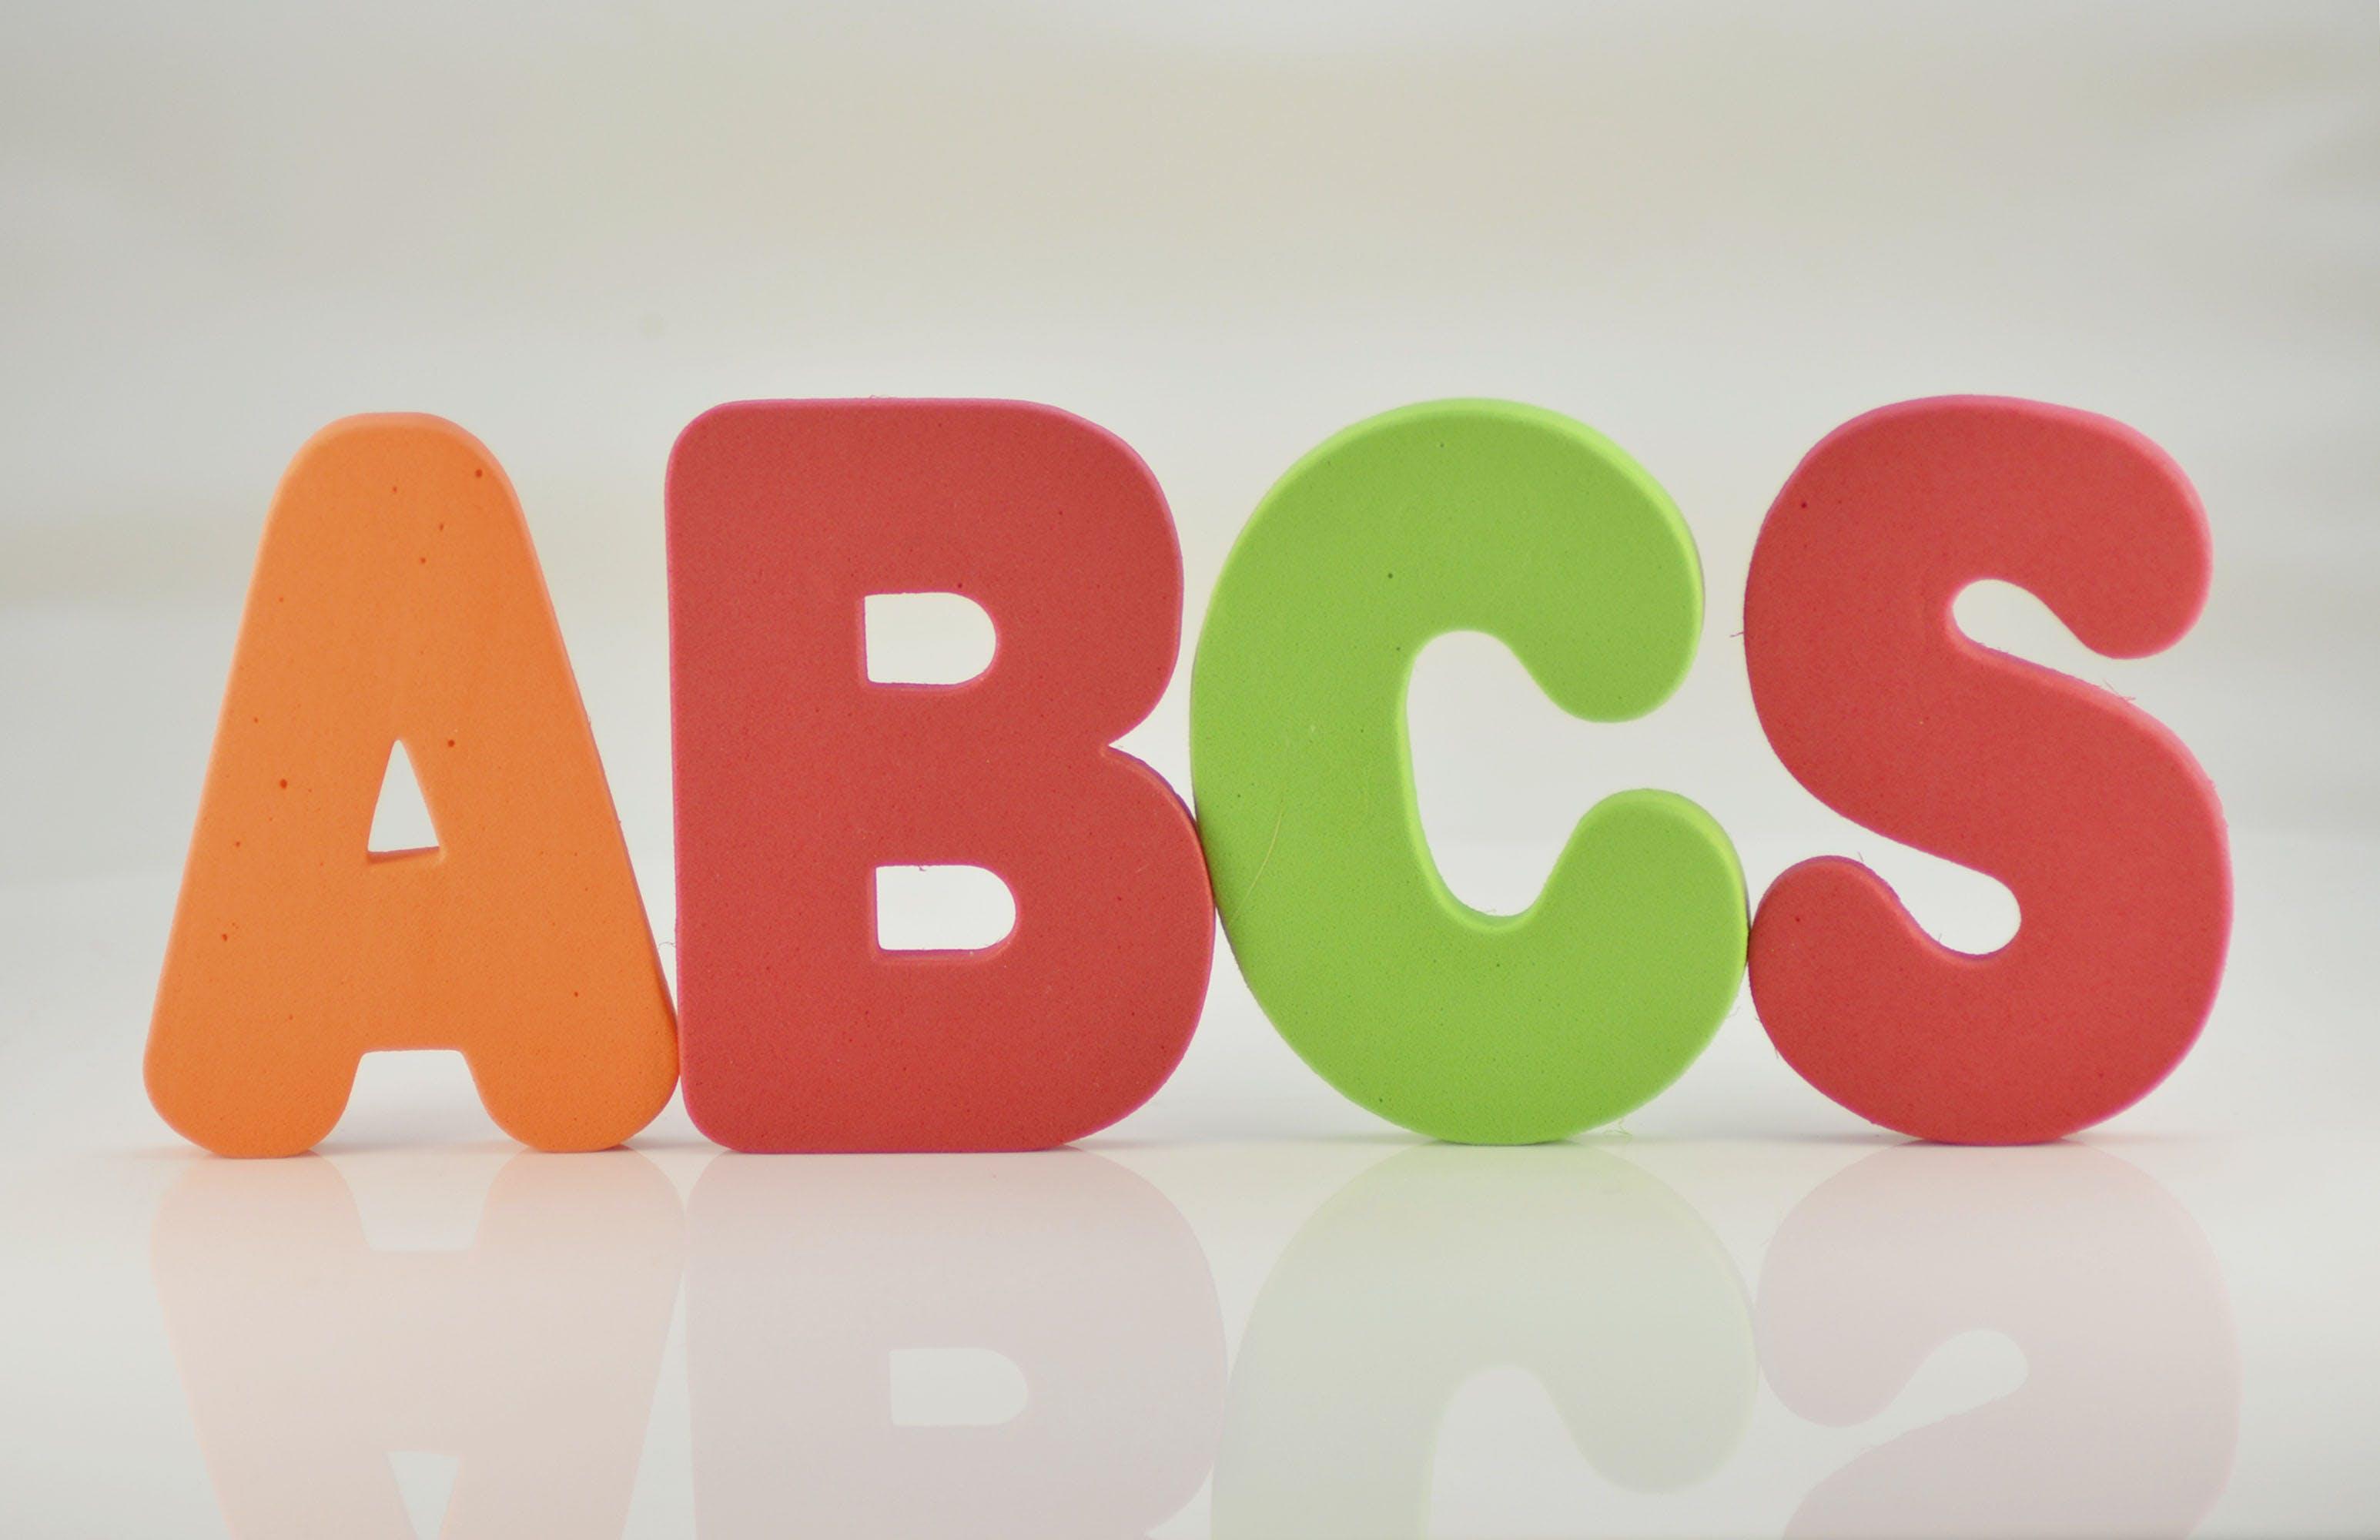 Gratis lagerfoto af abc, abcs, alfabet, børnehave